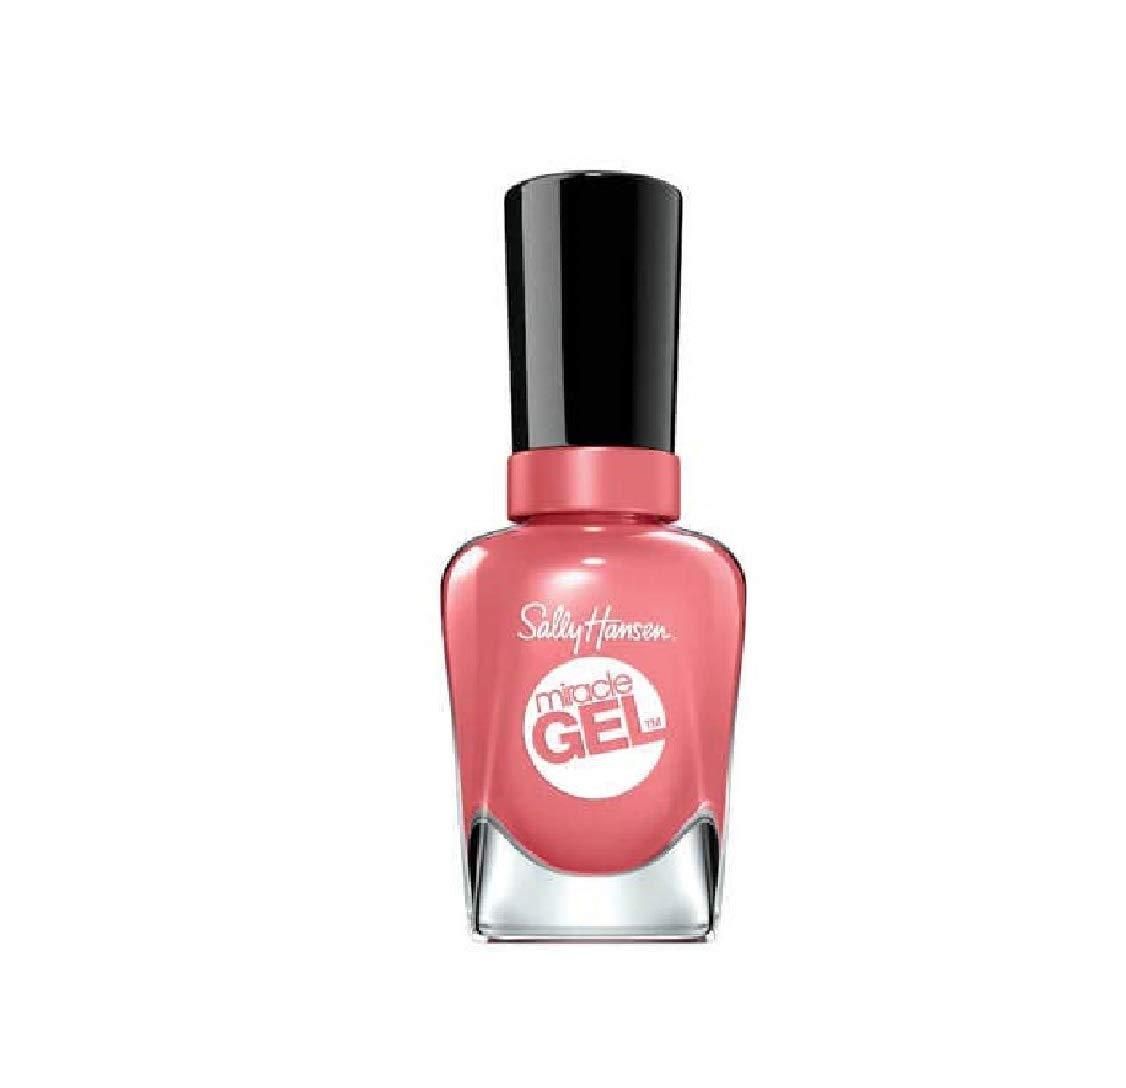 Amazon.com : Sally Hansen Miracle Gel Nail Polish 042 Koi Coral : Beauty